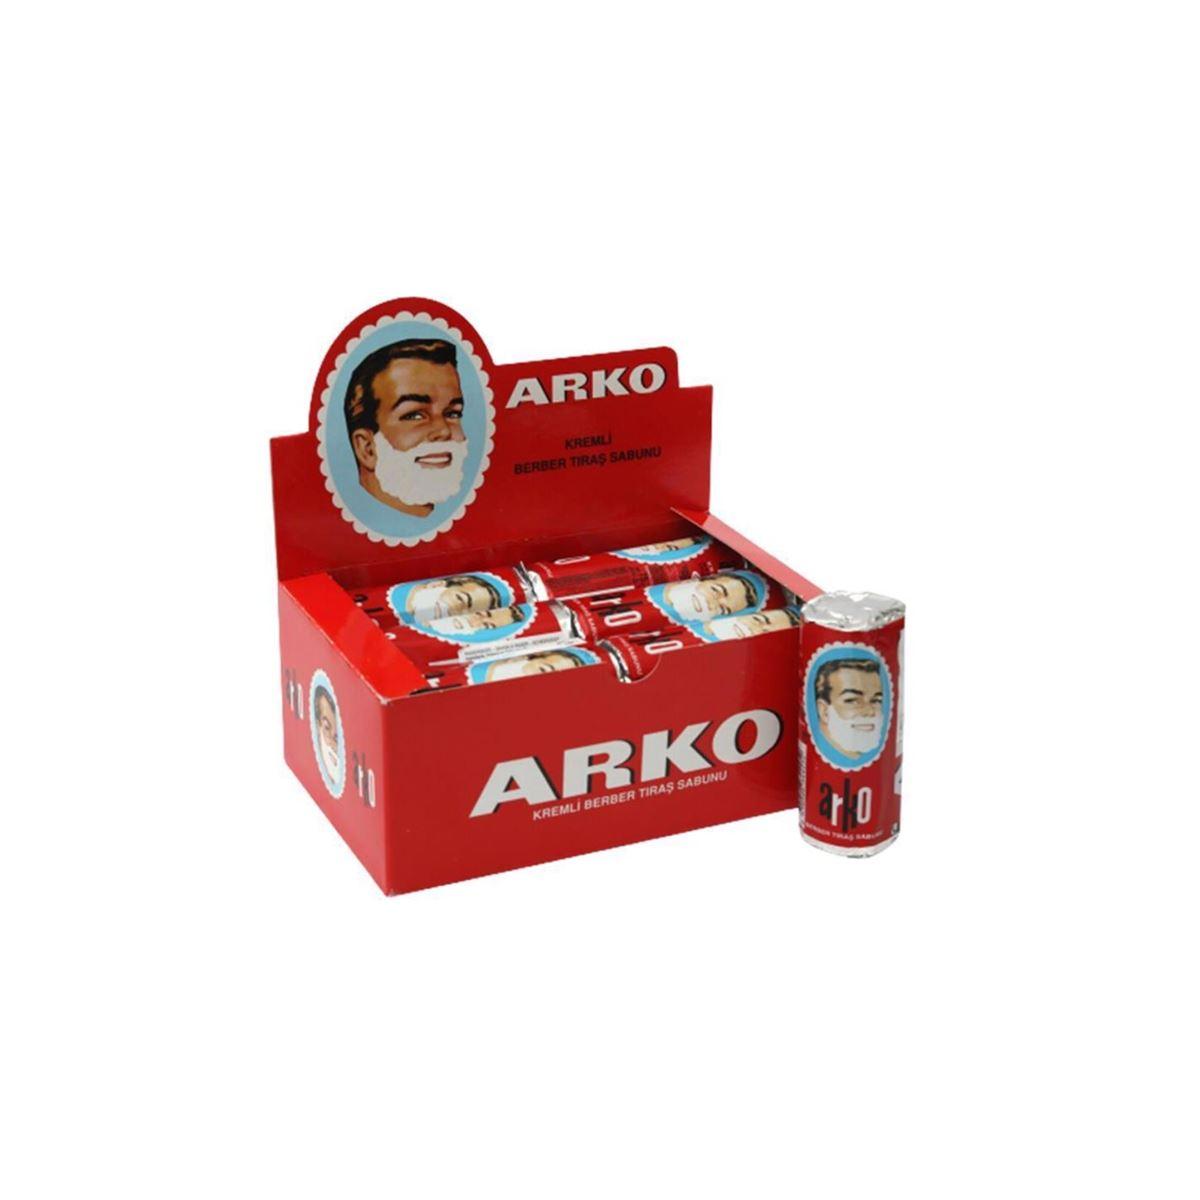 Arko Traş Sabunu